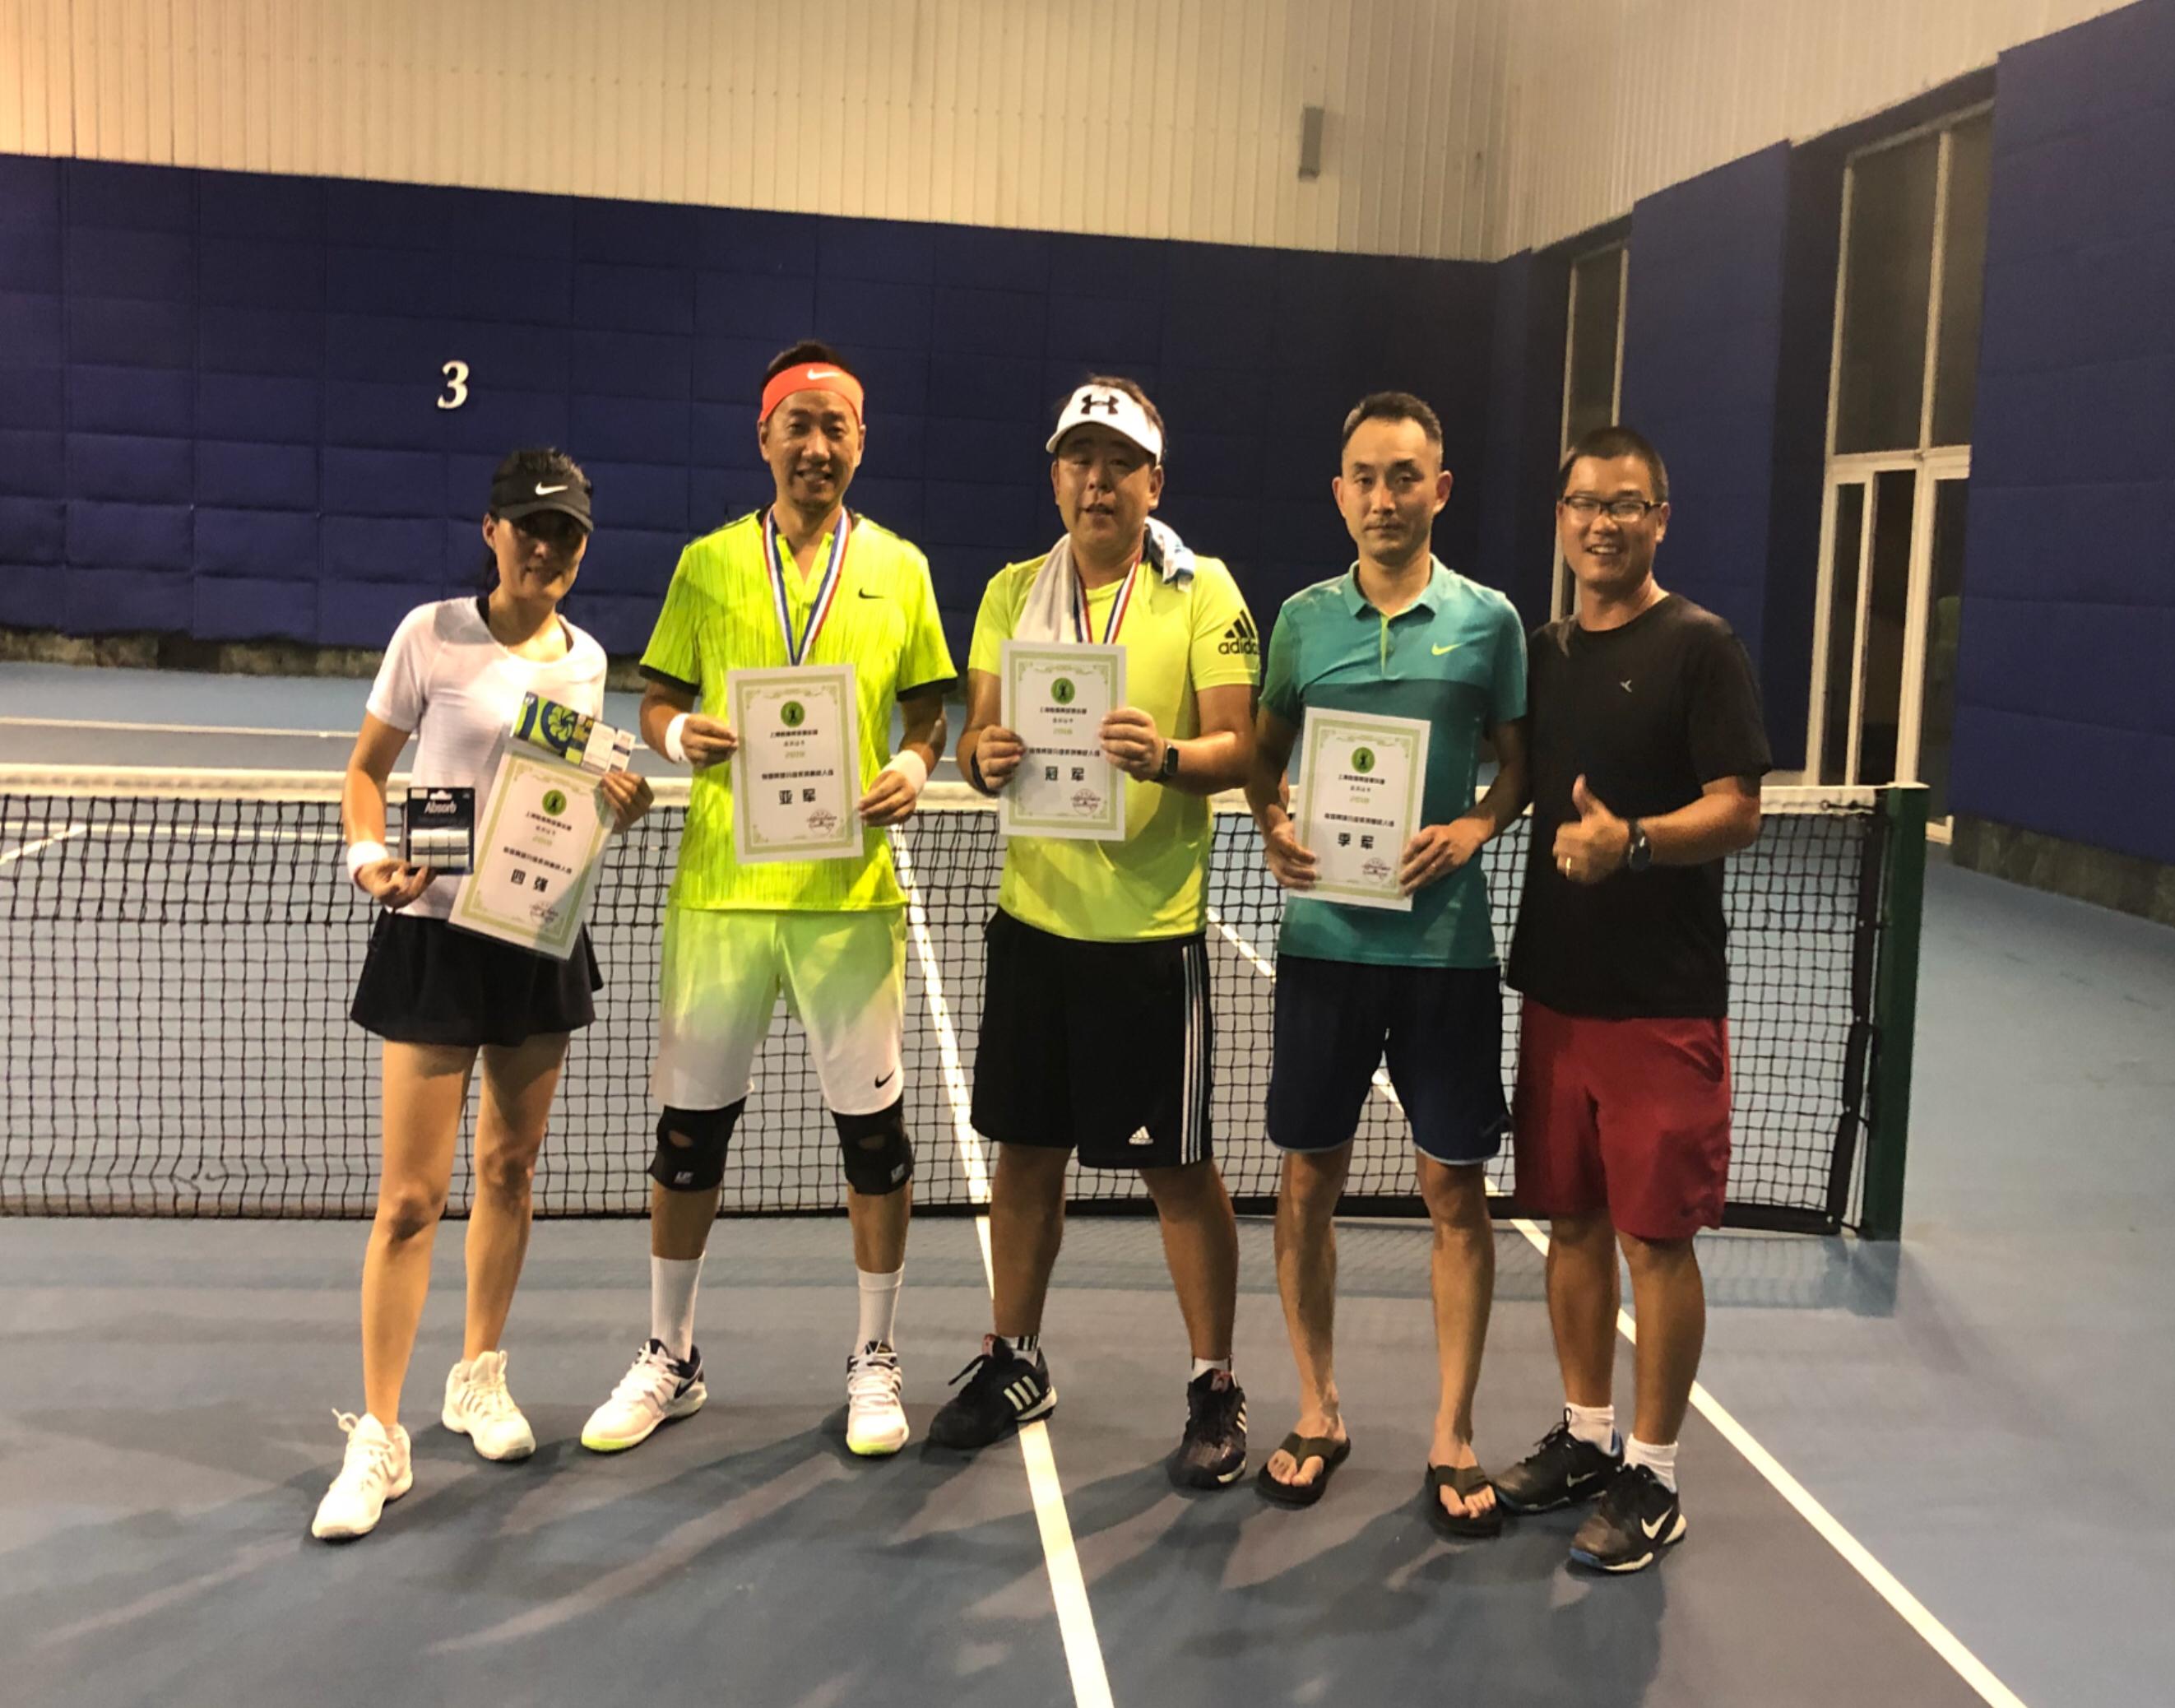 企业网球培训班